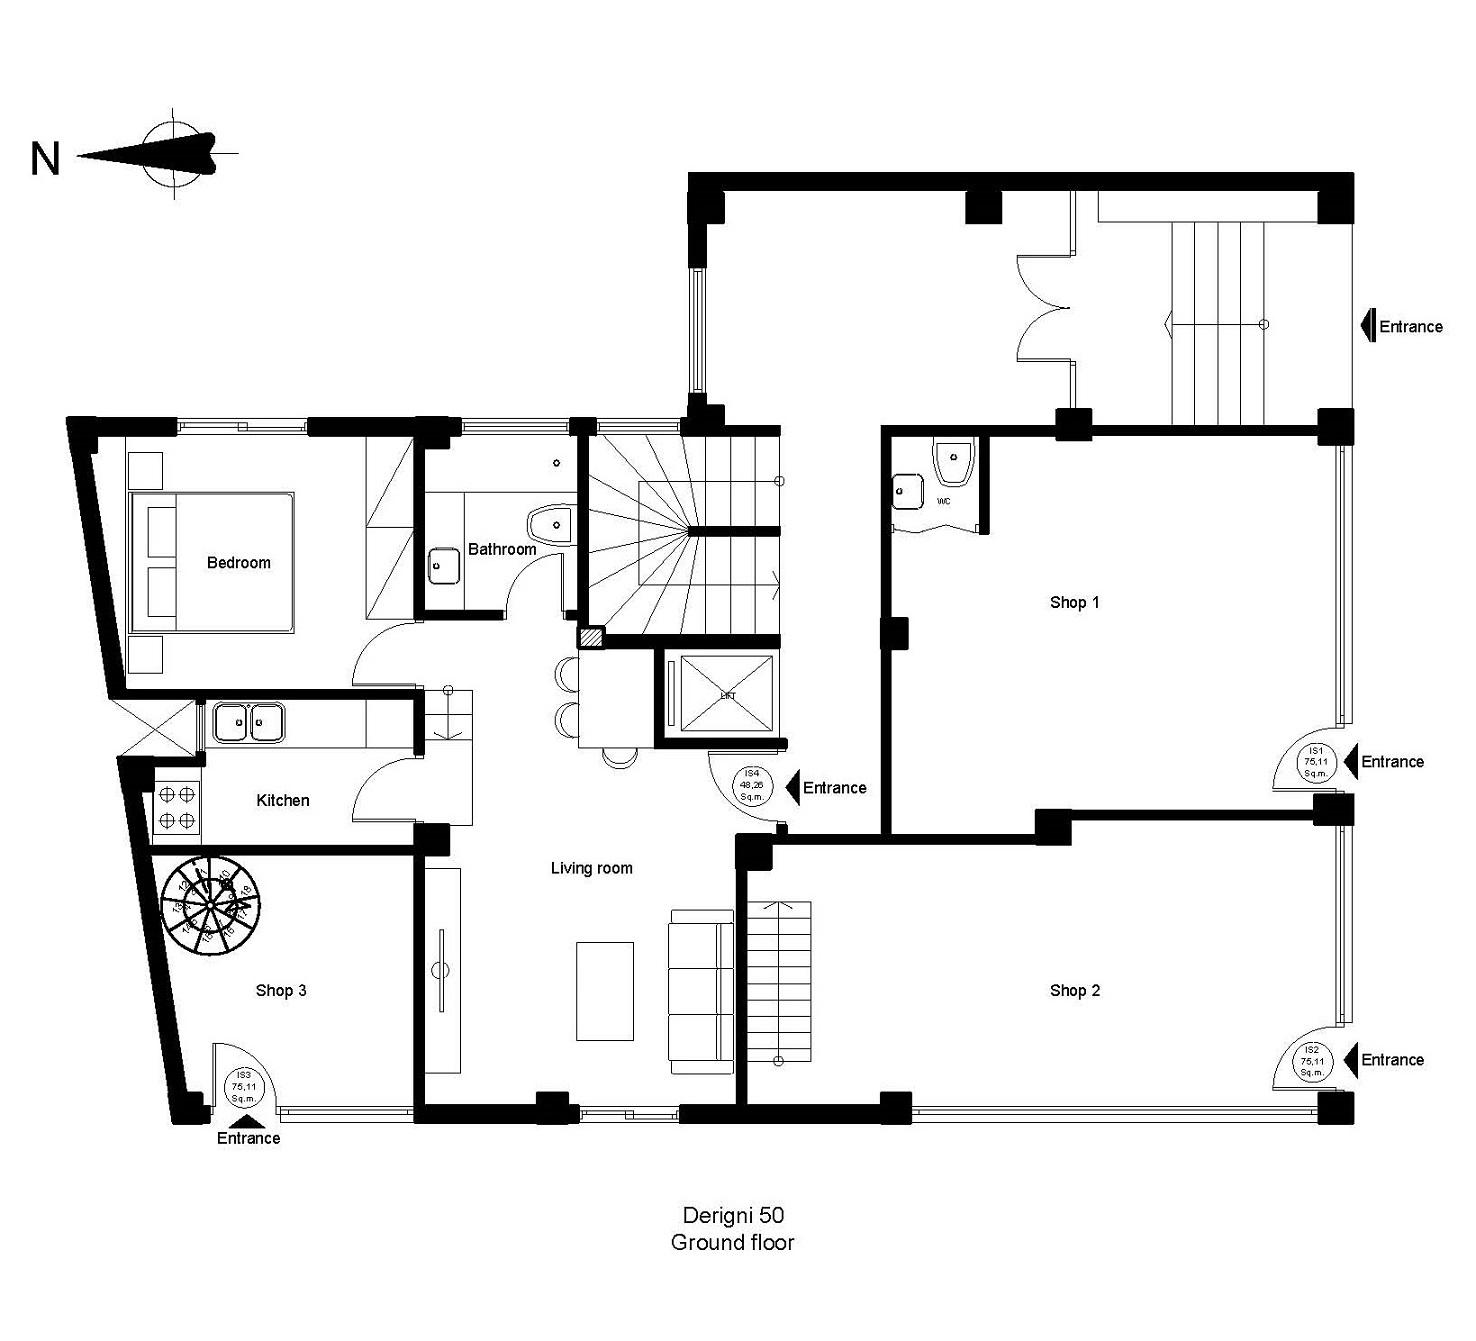 Derigni 50 ground floor plan